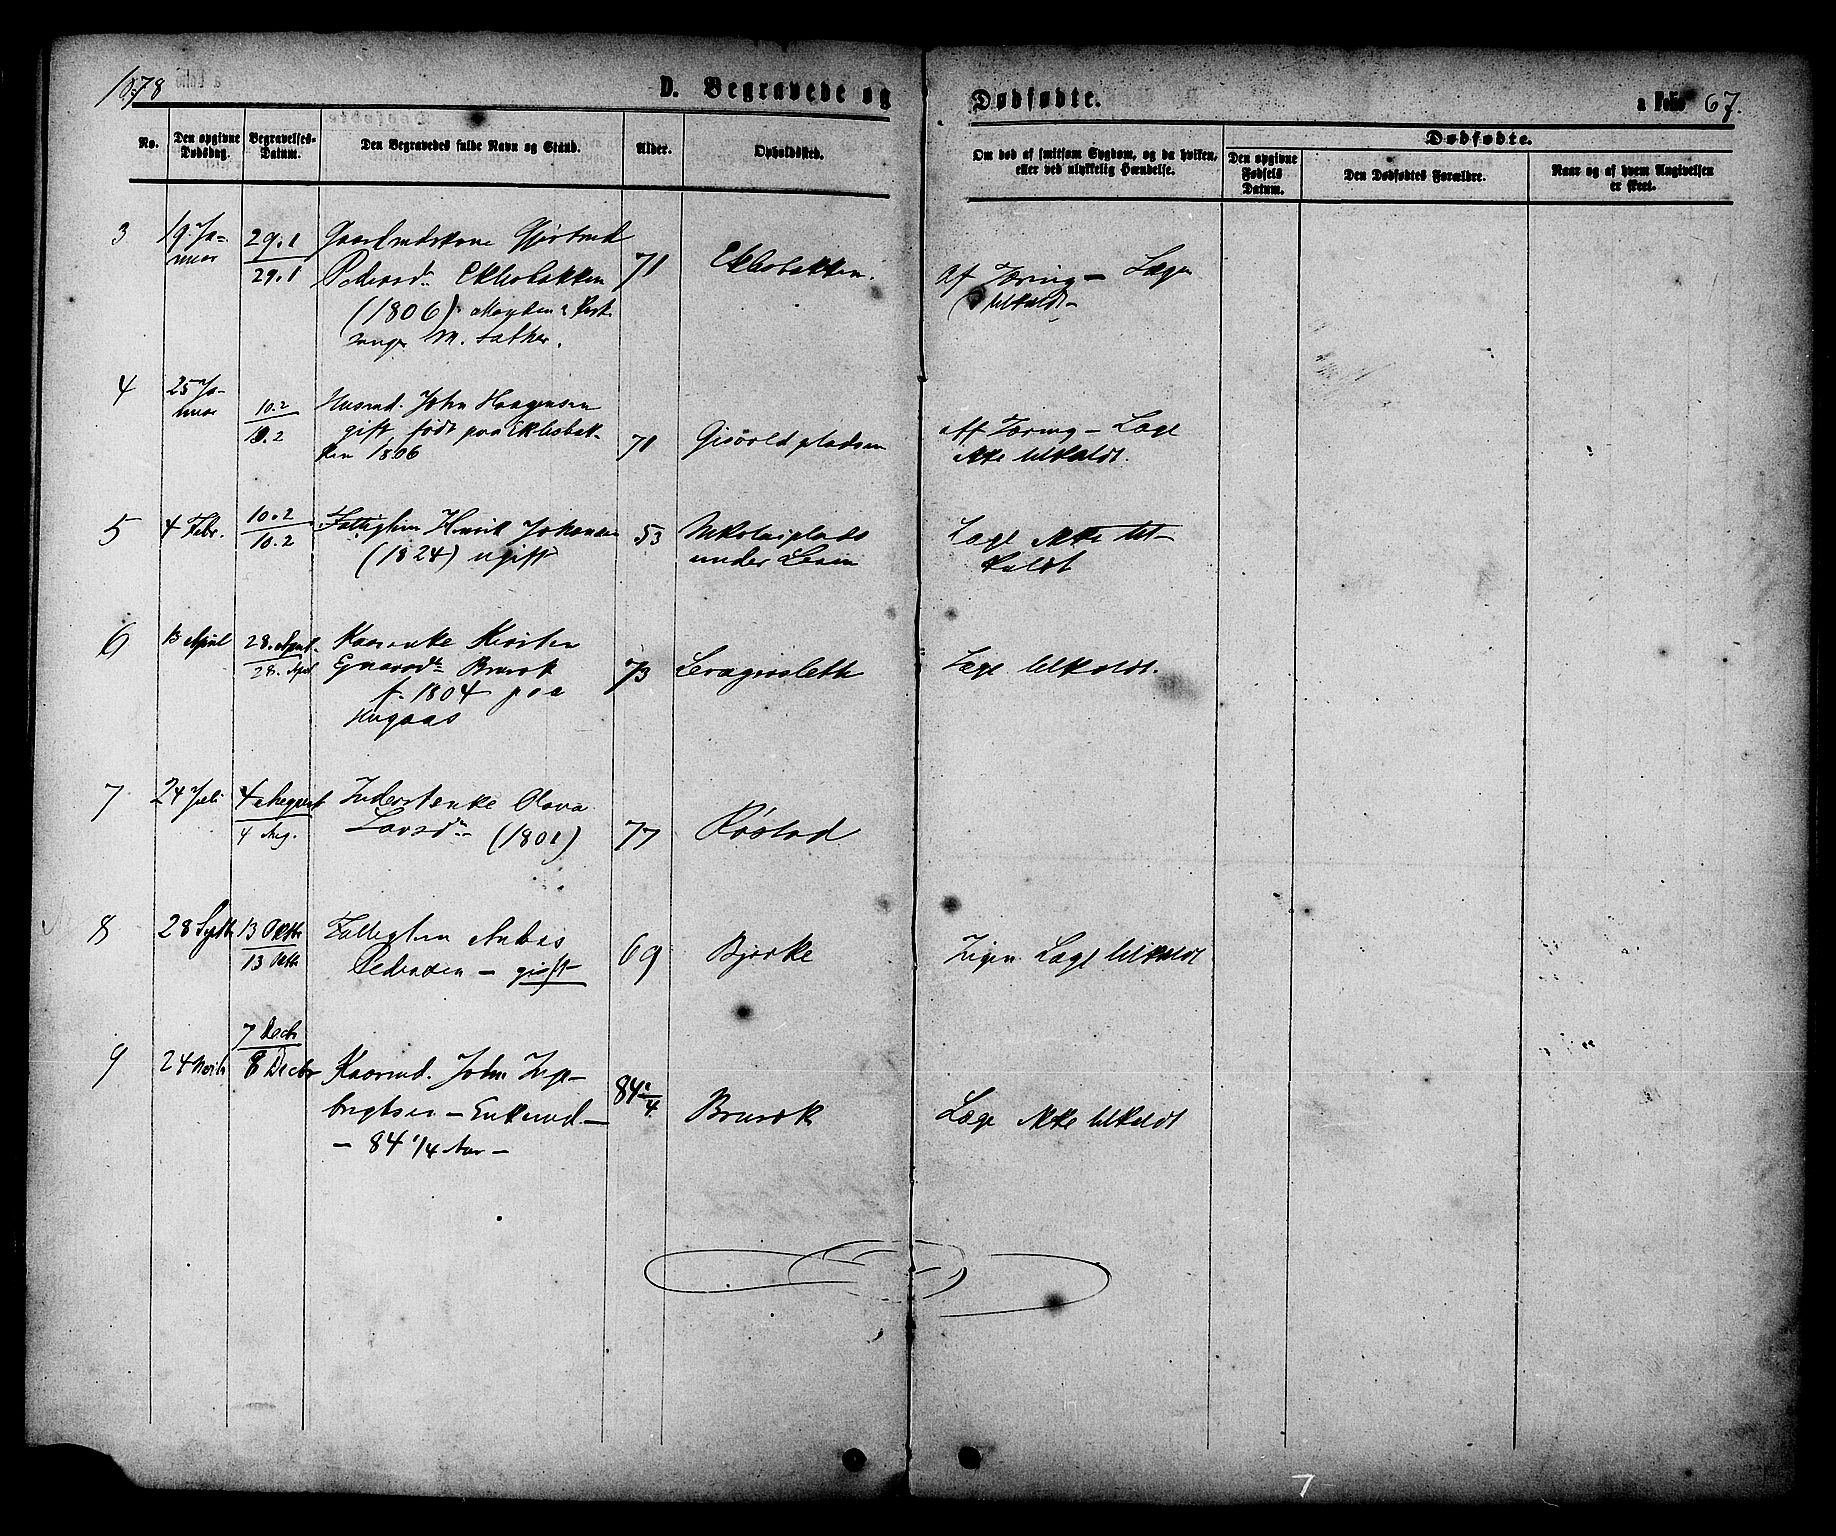 SAT, Ministerialprotokoller, klokkerbøker og fødselsregistre - Sør-Trøndelag, 608/L0334: Ministerialbok nr. 608A03, 1877-1886, s. 67